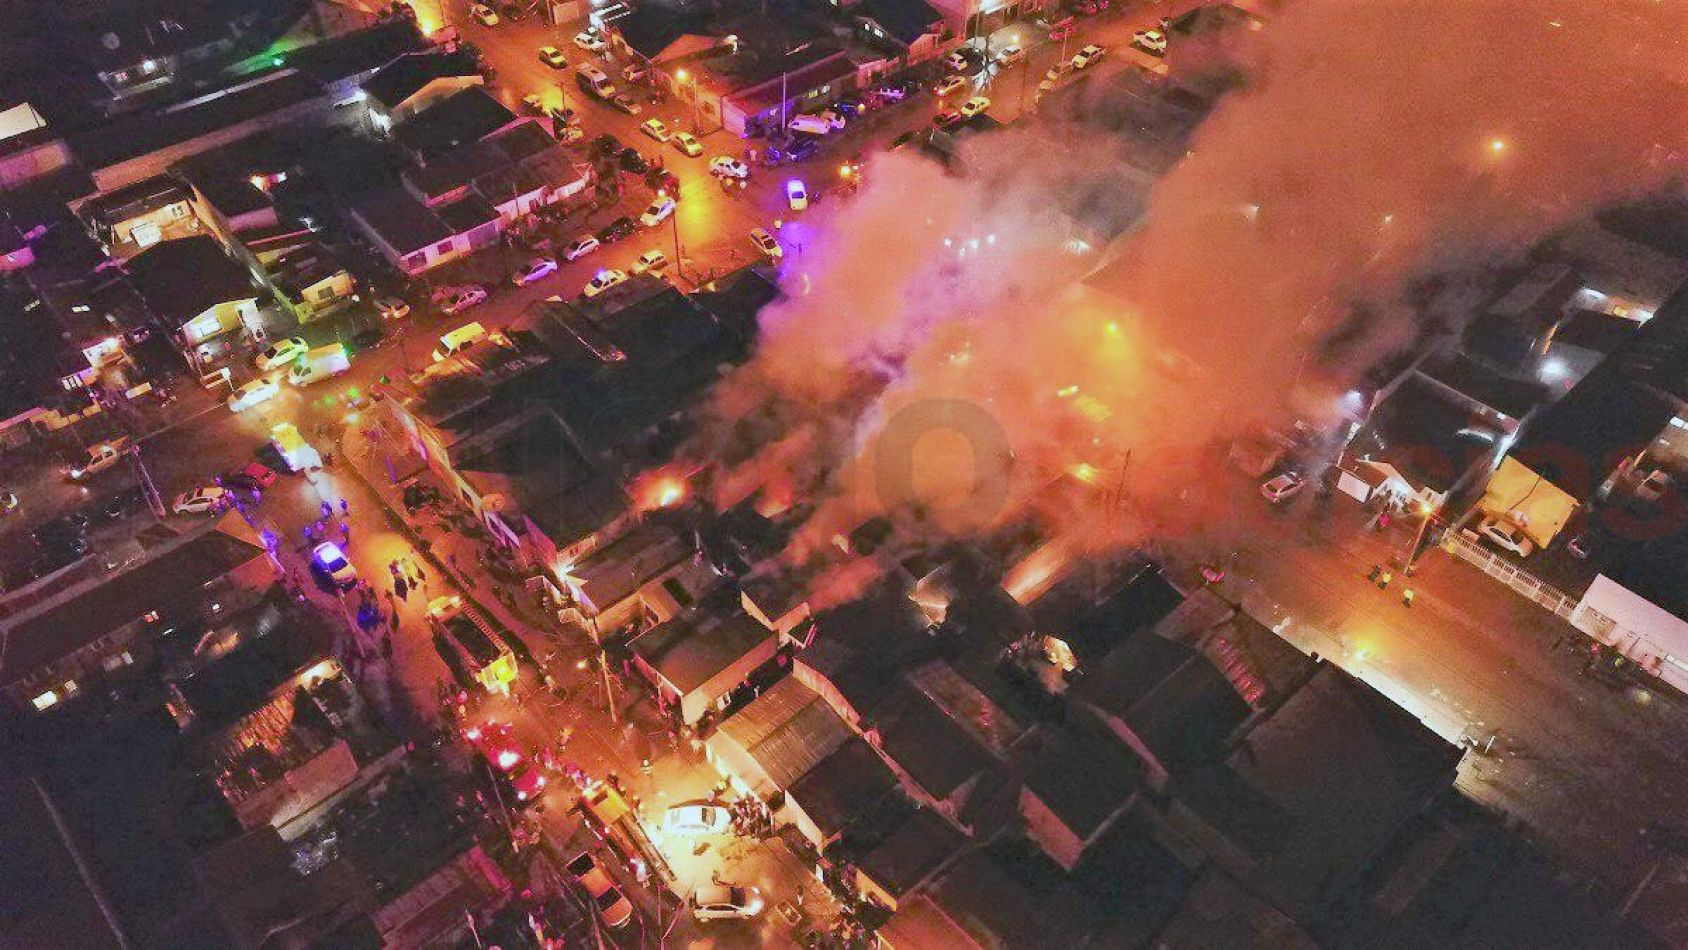 Imagen aérea del incendio. (Foto: Gentileza: Mighen Guzmán - 19640noticias)